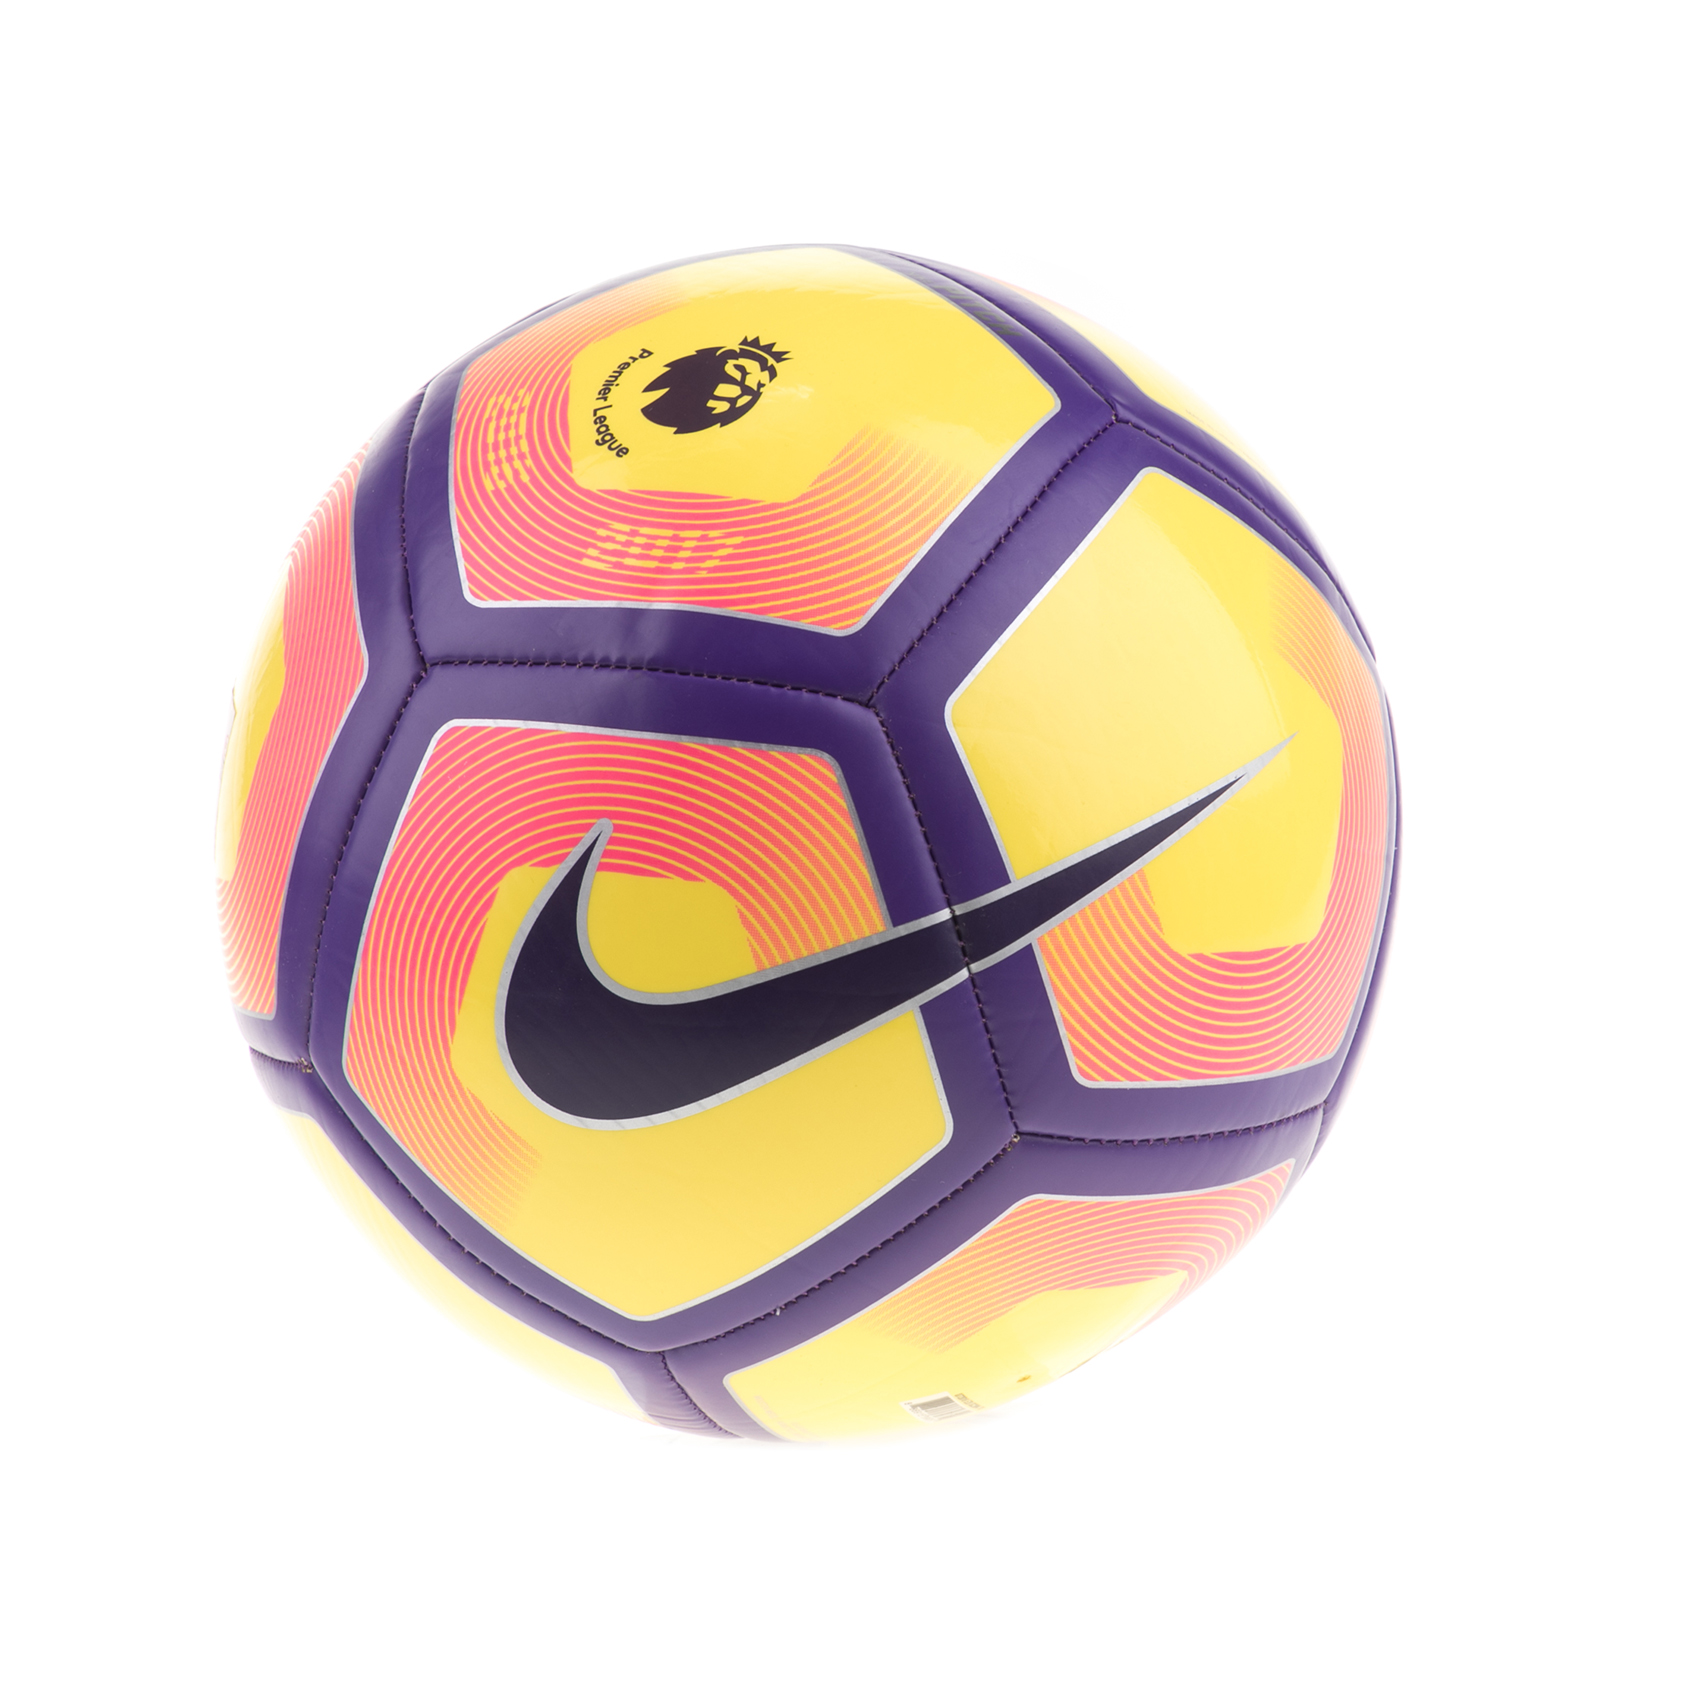 NIKE – Μπάλα ποδοσφαίρου NIKE PITCH – PL πορτοκαλί-μοβ